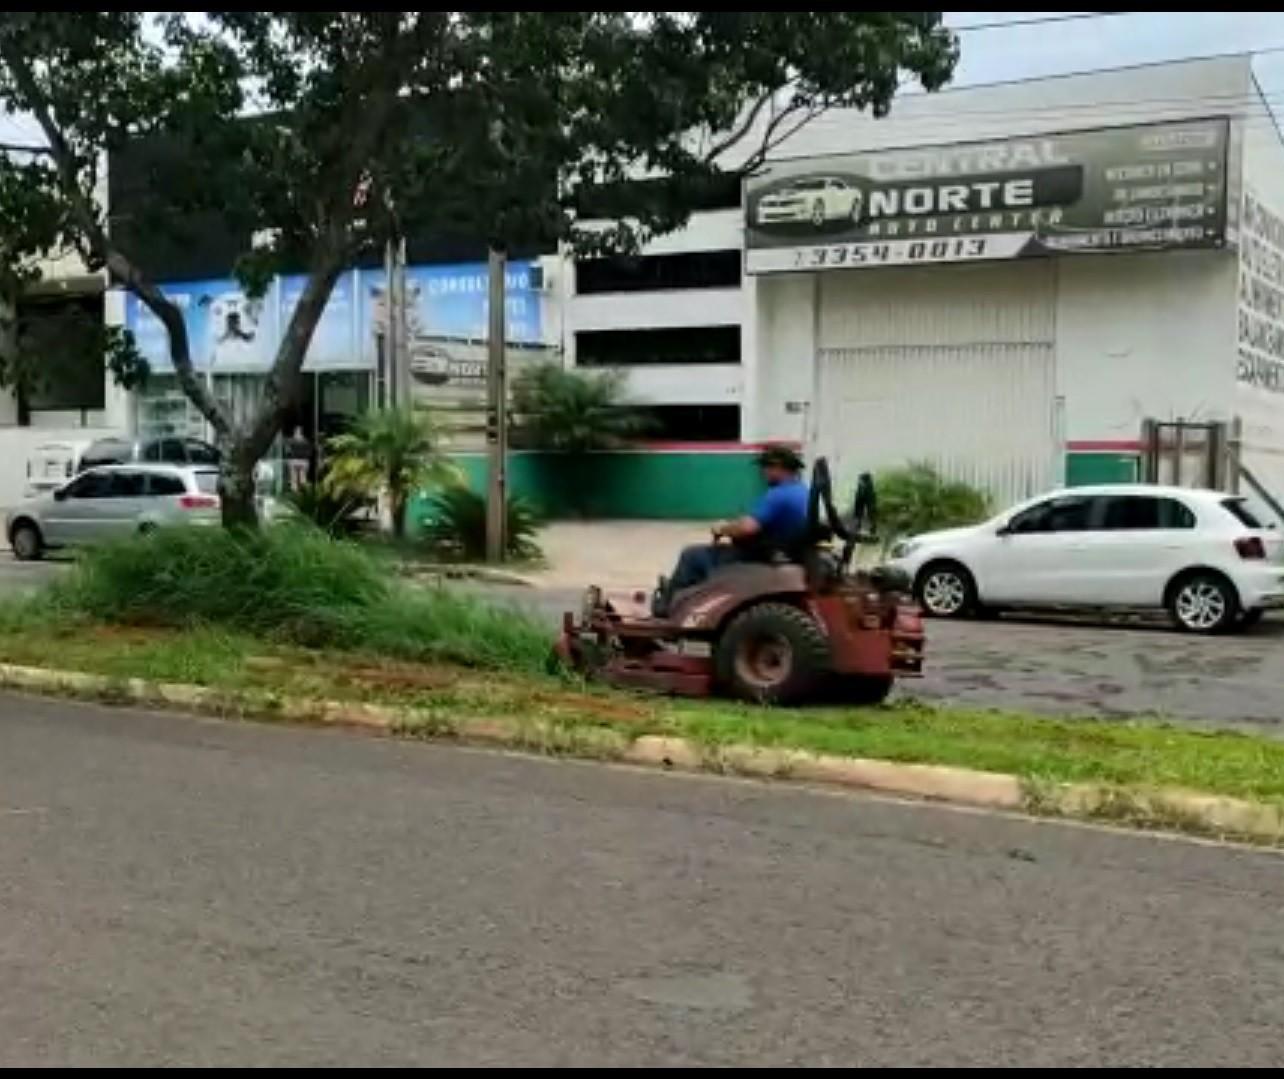 Sem contrato, empresa é vista roçando canteiros em Maringá